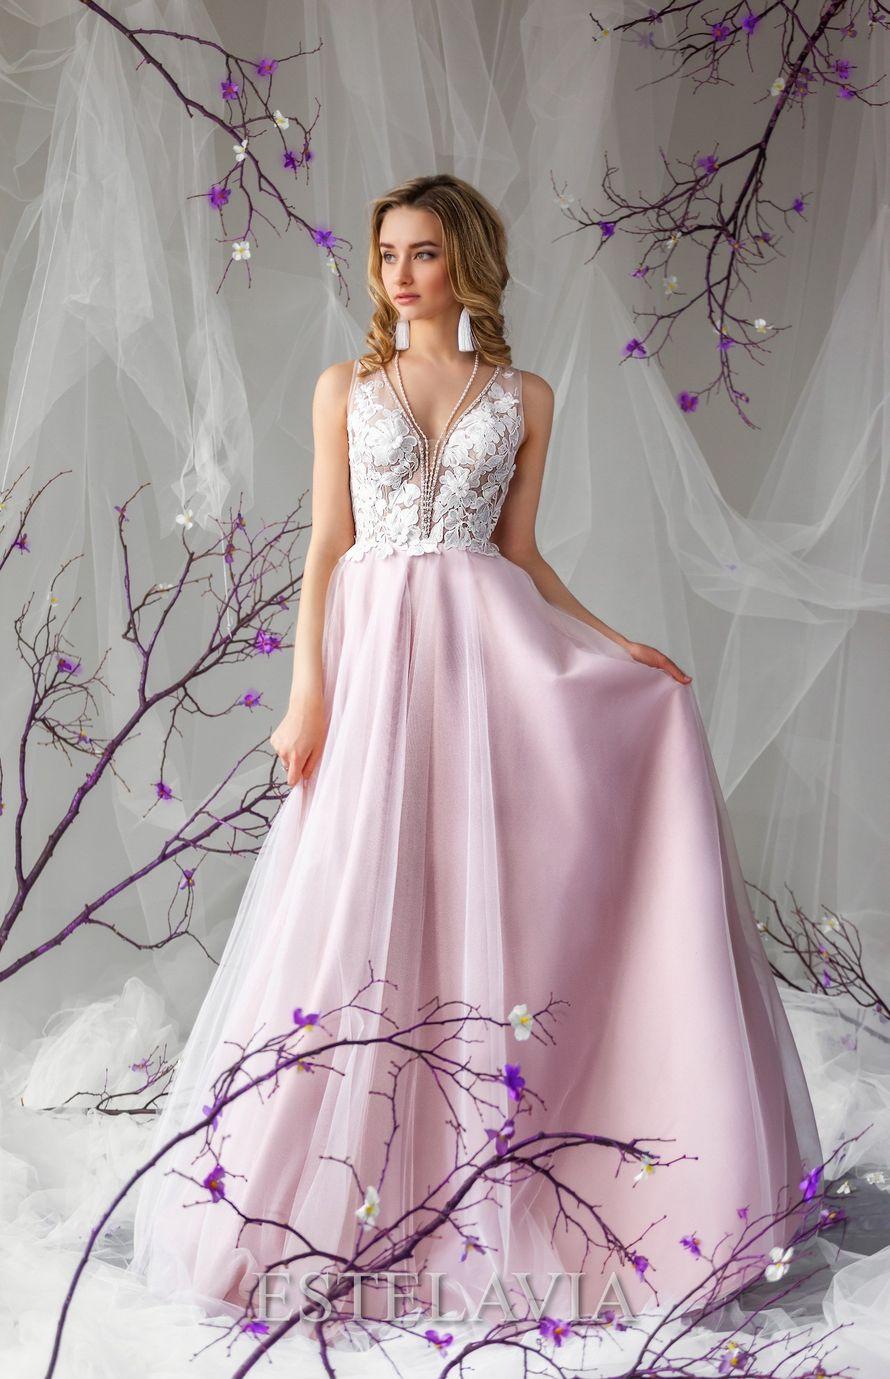 Фото 15450126 в коллекции Estelavia - Tyumen Wedding - салон свадебных платьев